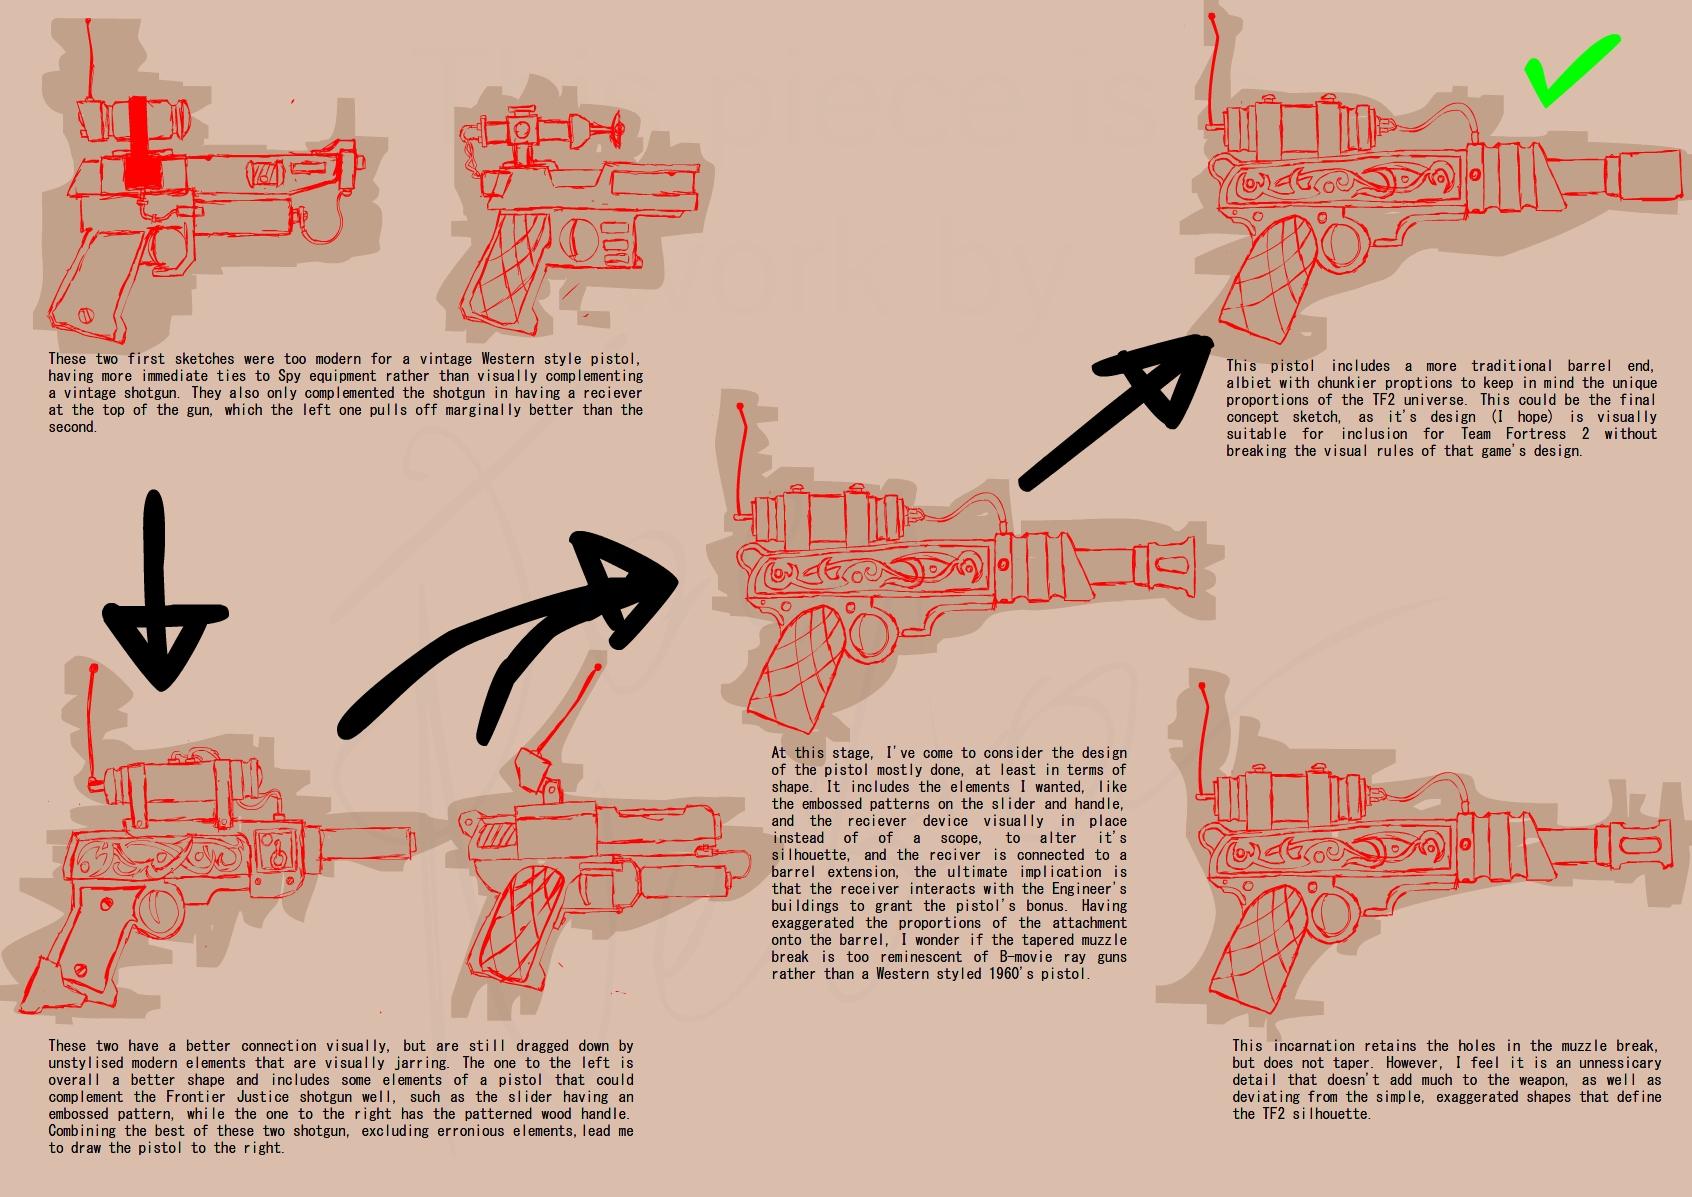 TF2 Frontier Justice Pistol concept sketches by Noizeblaze